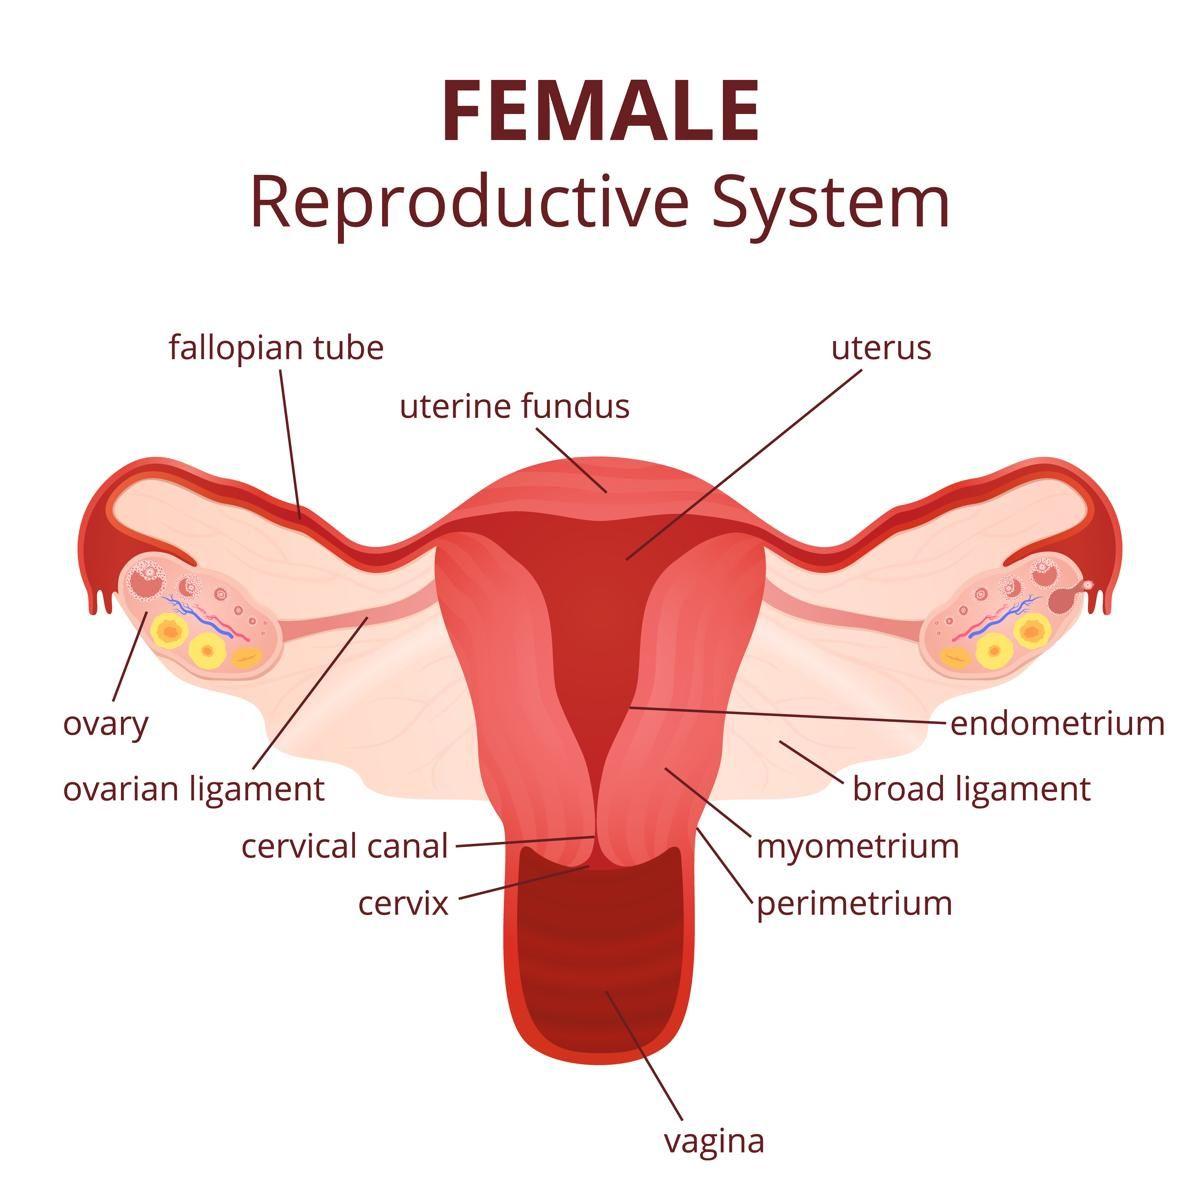 medium resolution of diagram of uterus and fallopian tubes diagram of uterus and fallopian tubes labeled diagram of